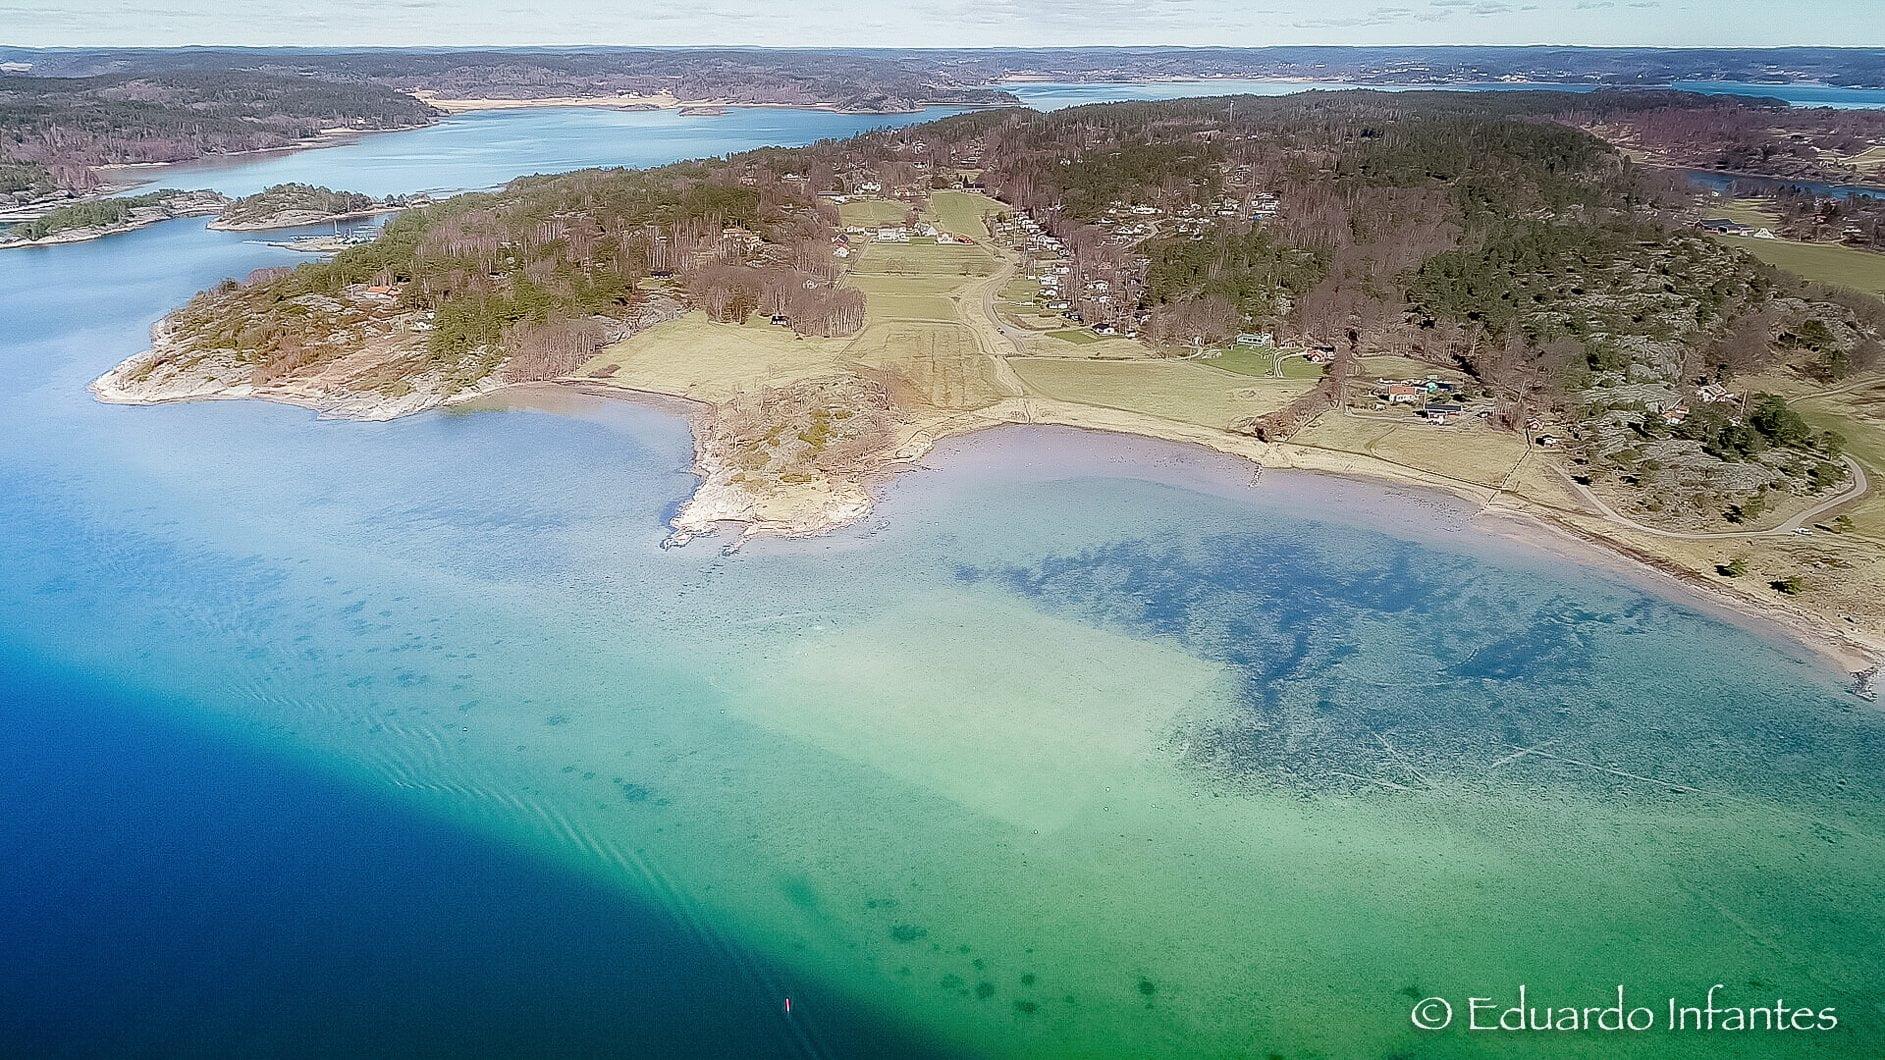 Vid Lilla Askerön mellan Orust och Tjörn har en ett hektar havsbotten täckts med 1 800 ton grov sand för att plantera ålgräs.